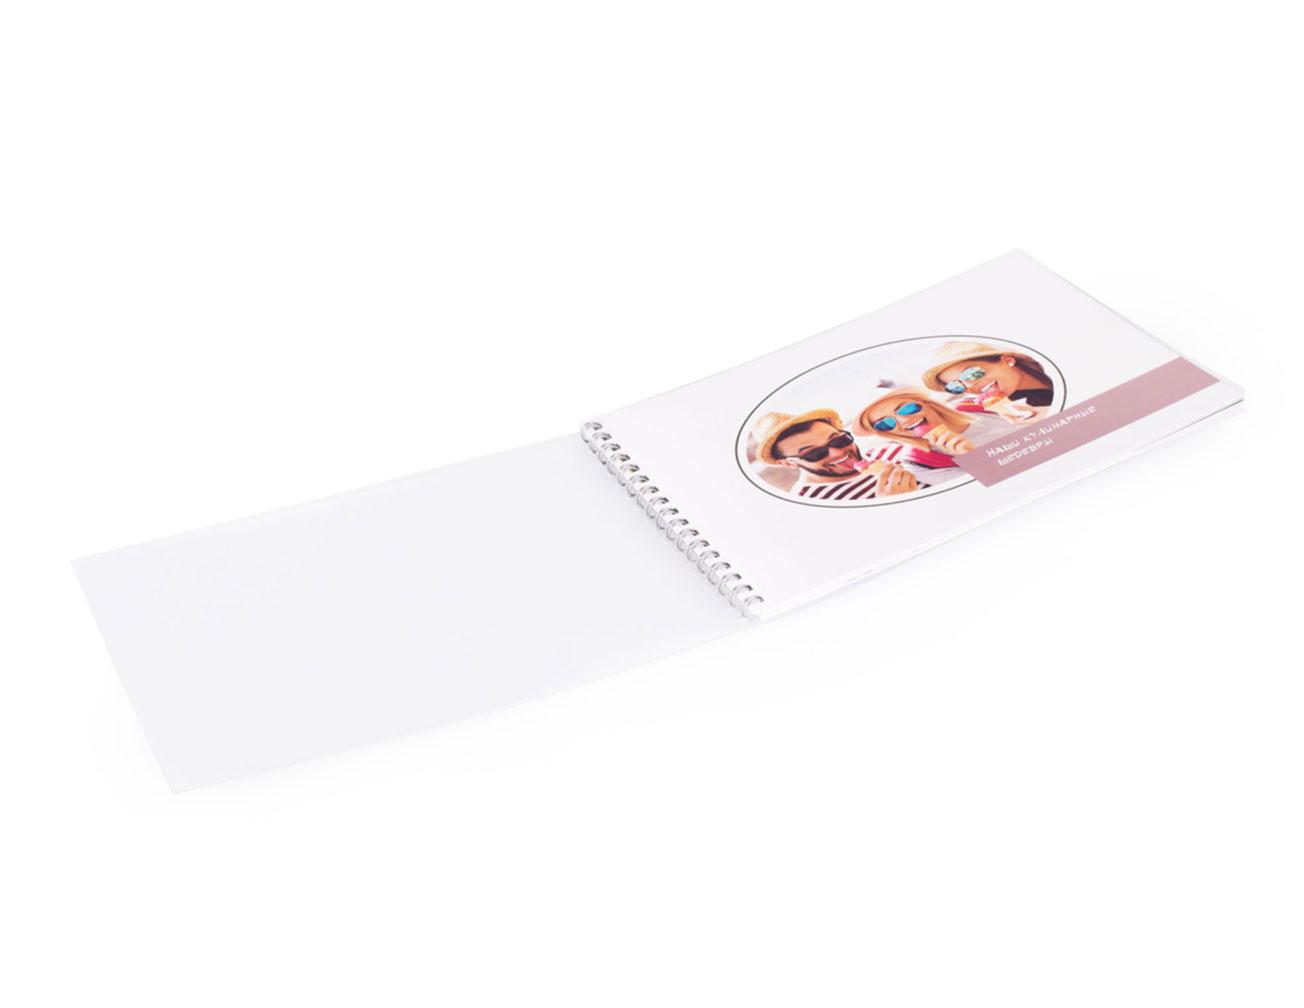 Фотокнига на пружине: создать онлайн – печать в NetPrint